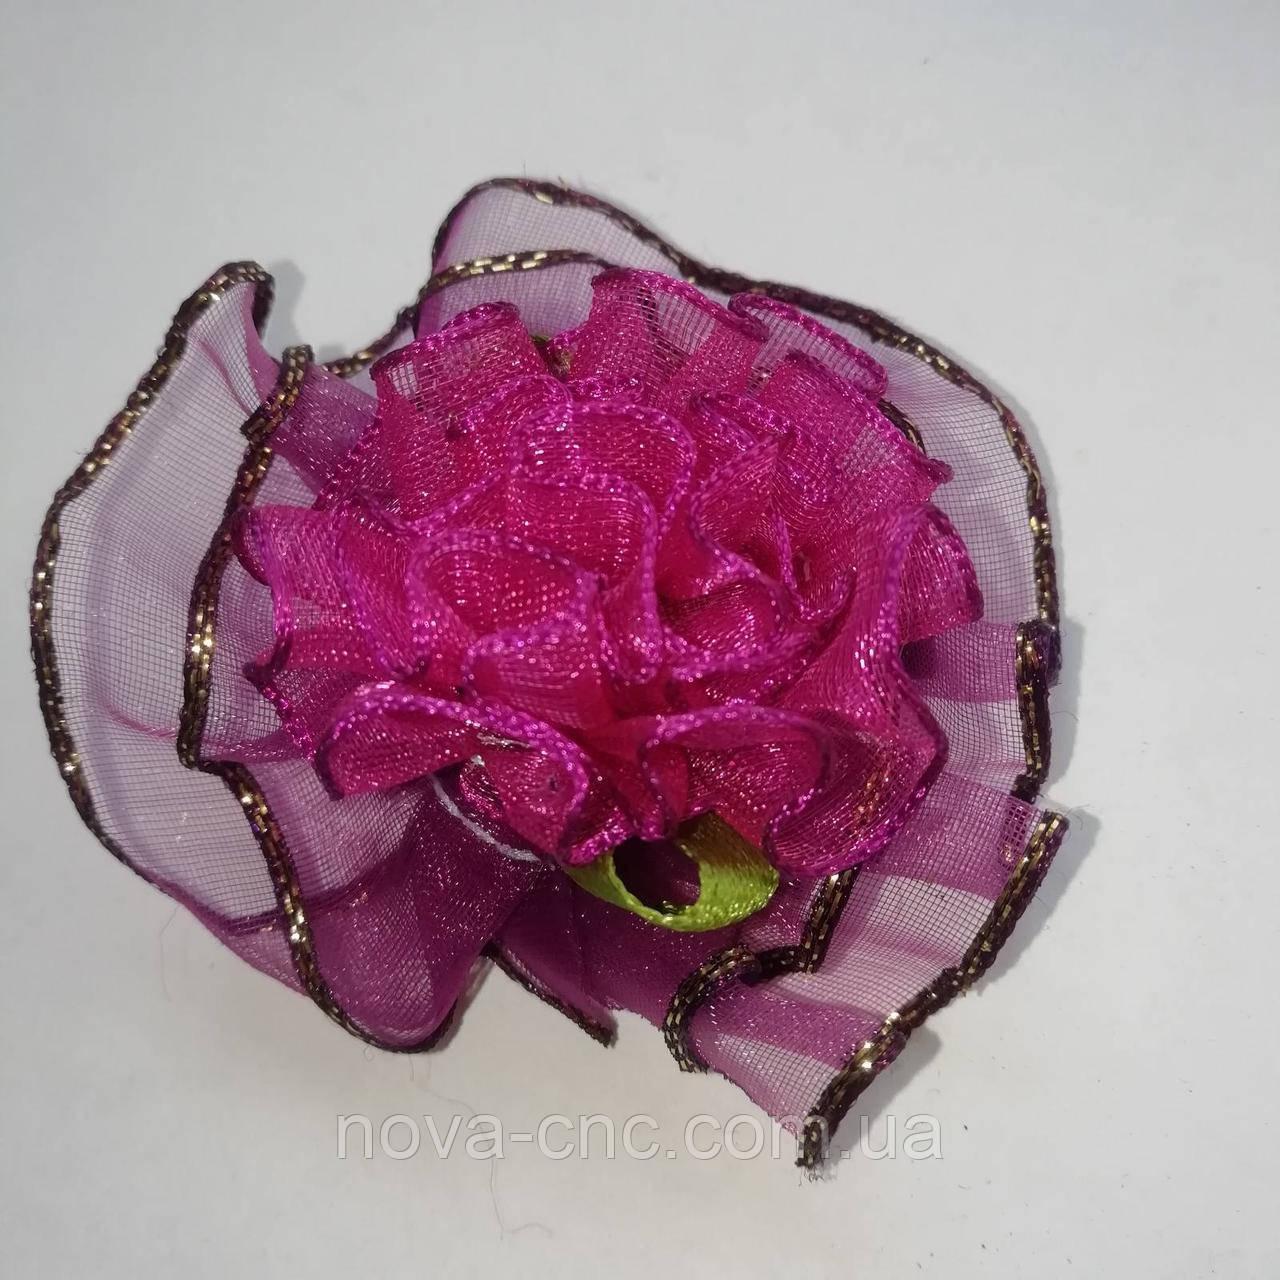 Квіти з органзи для декору Колір бордовий 50 мм 10 шт